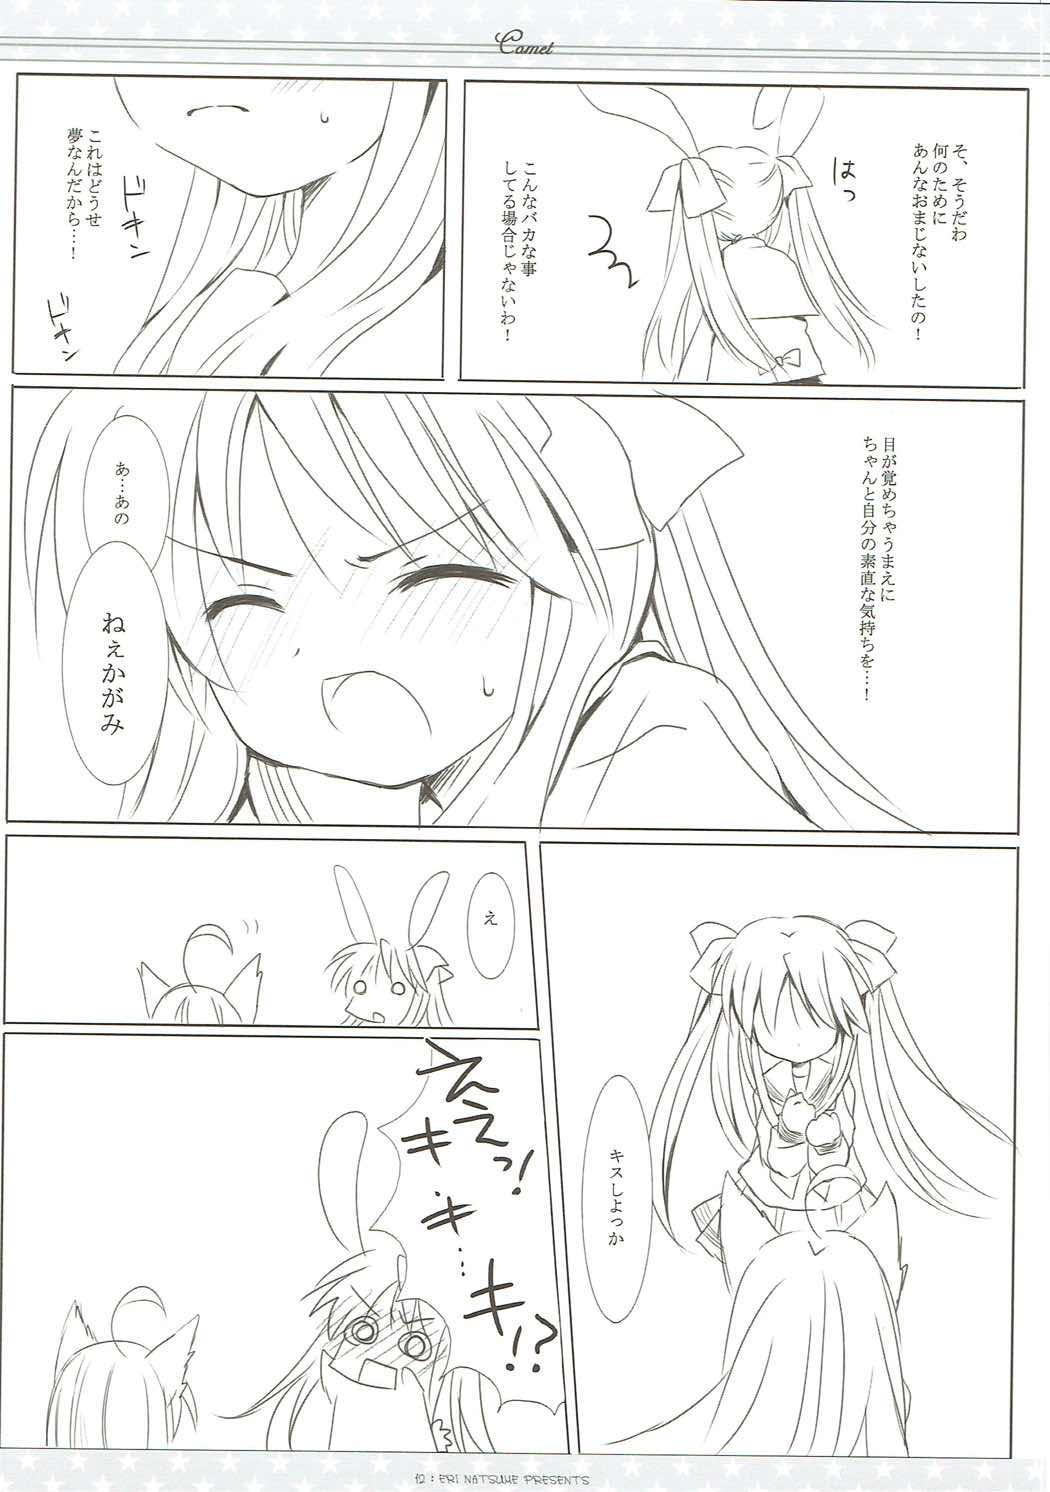 Suisei 10